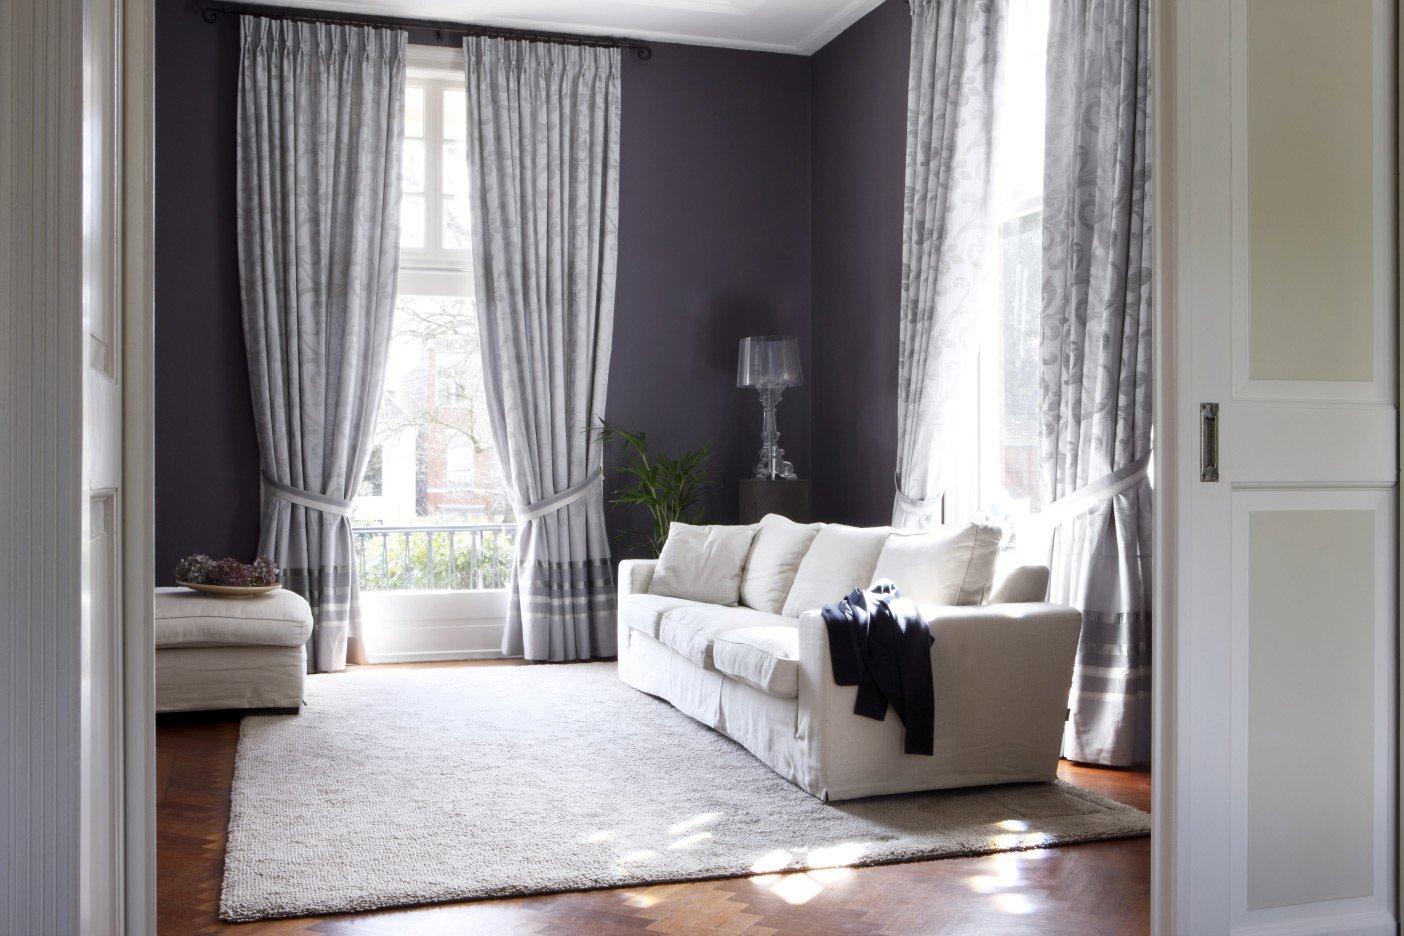 raamdecoratieinterieur website